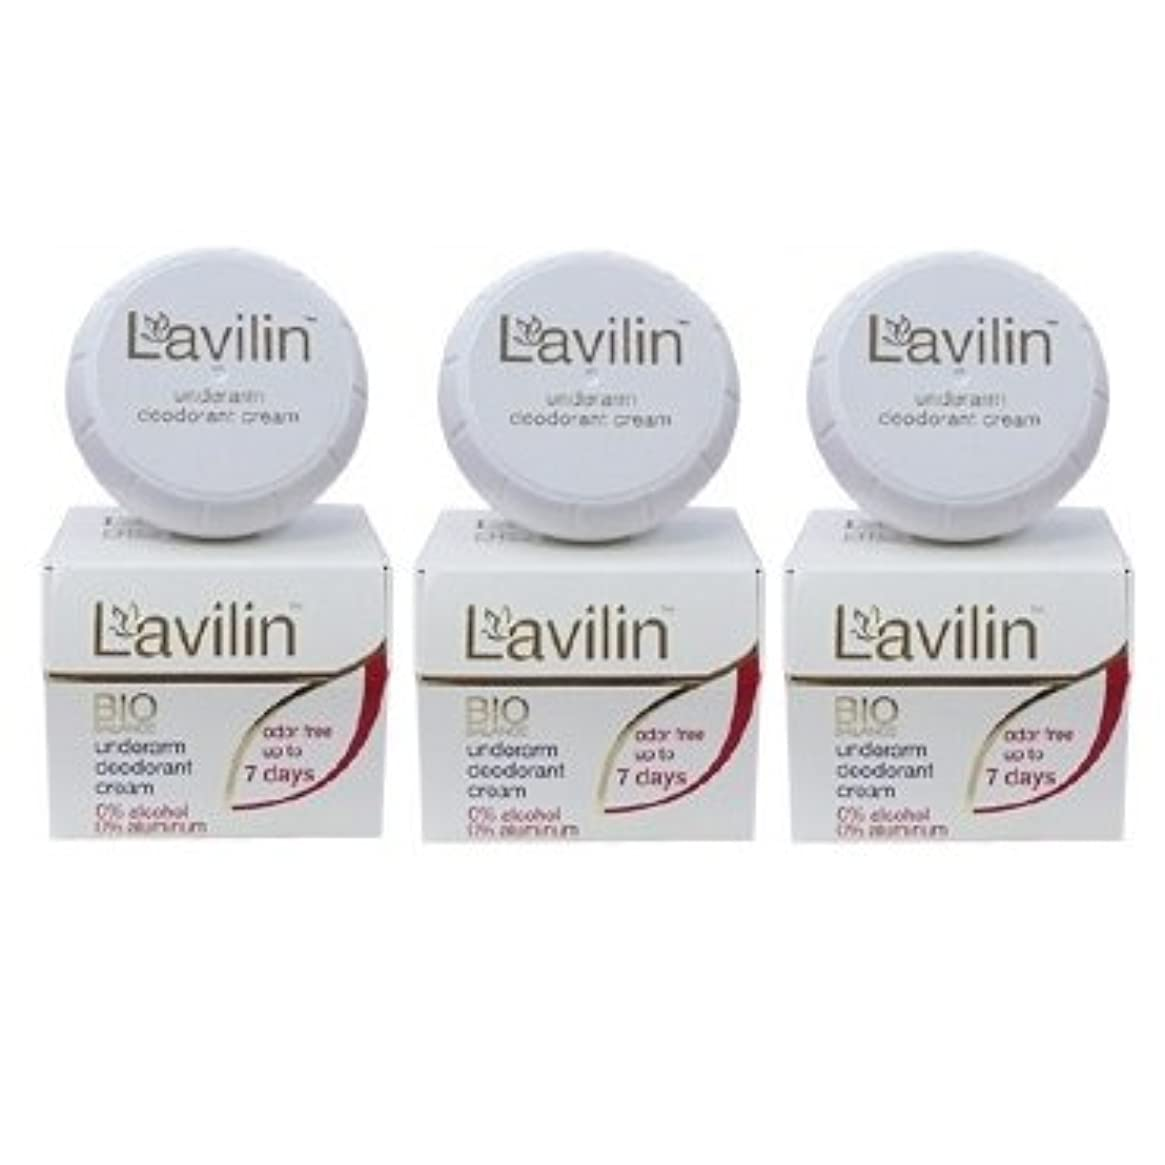 アベニュー電信全能[3個セット][海外直送品][並行輸入品]ラヴィリン アンダーアームクリーム 12.5g(10cc) LAVILIN Under Arm